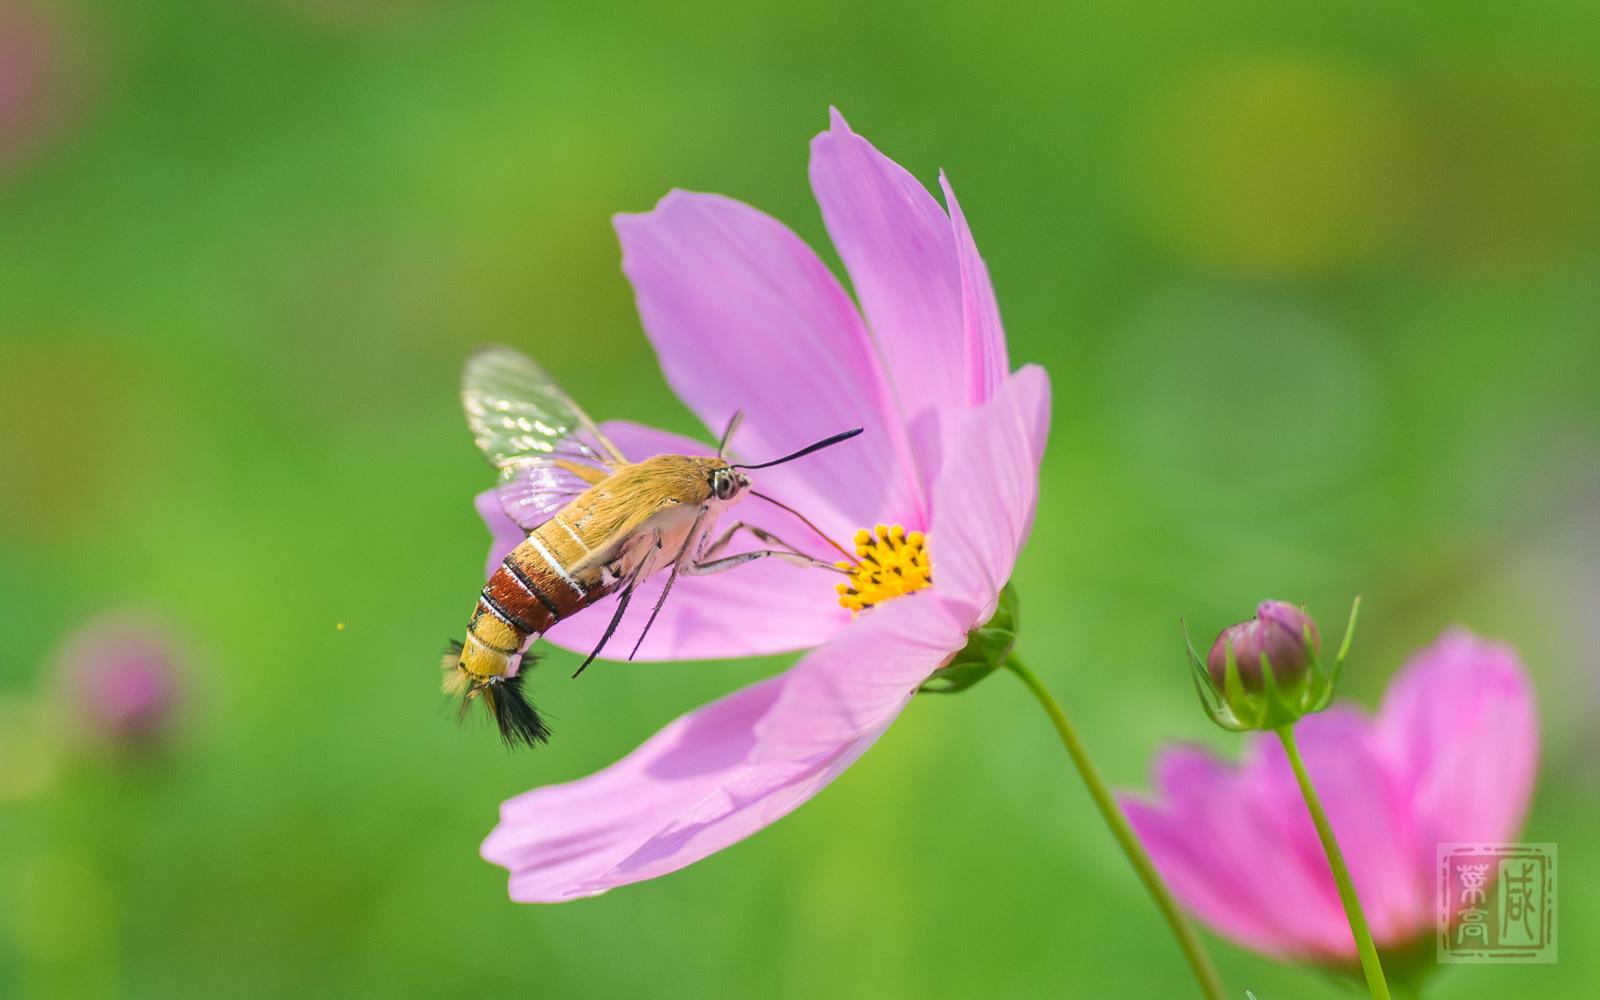 花与蛾-4.jpg